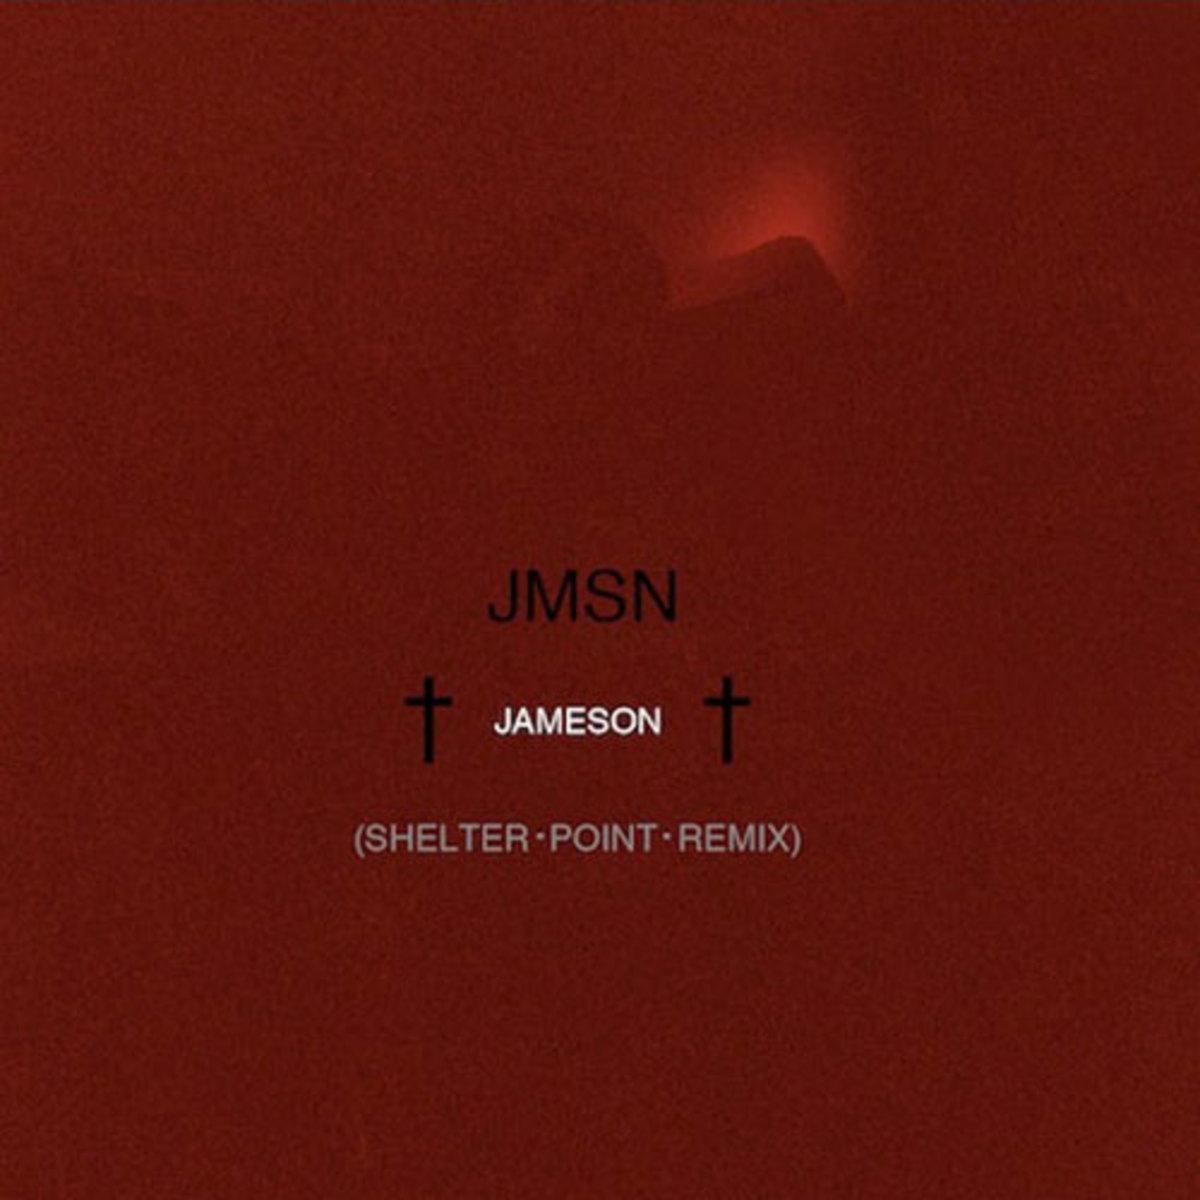 jmsn-jamesonrmx.jpg